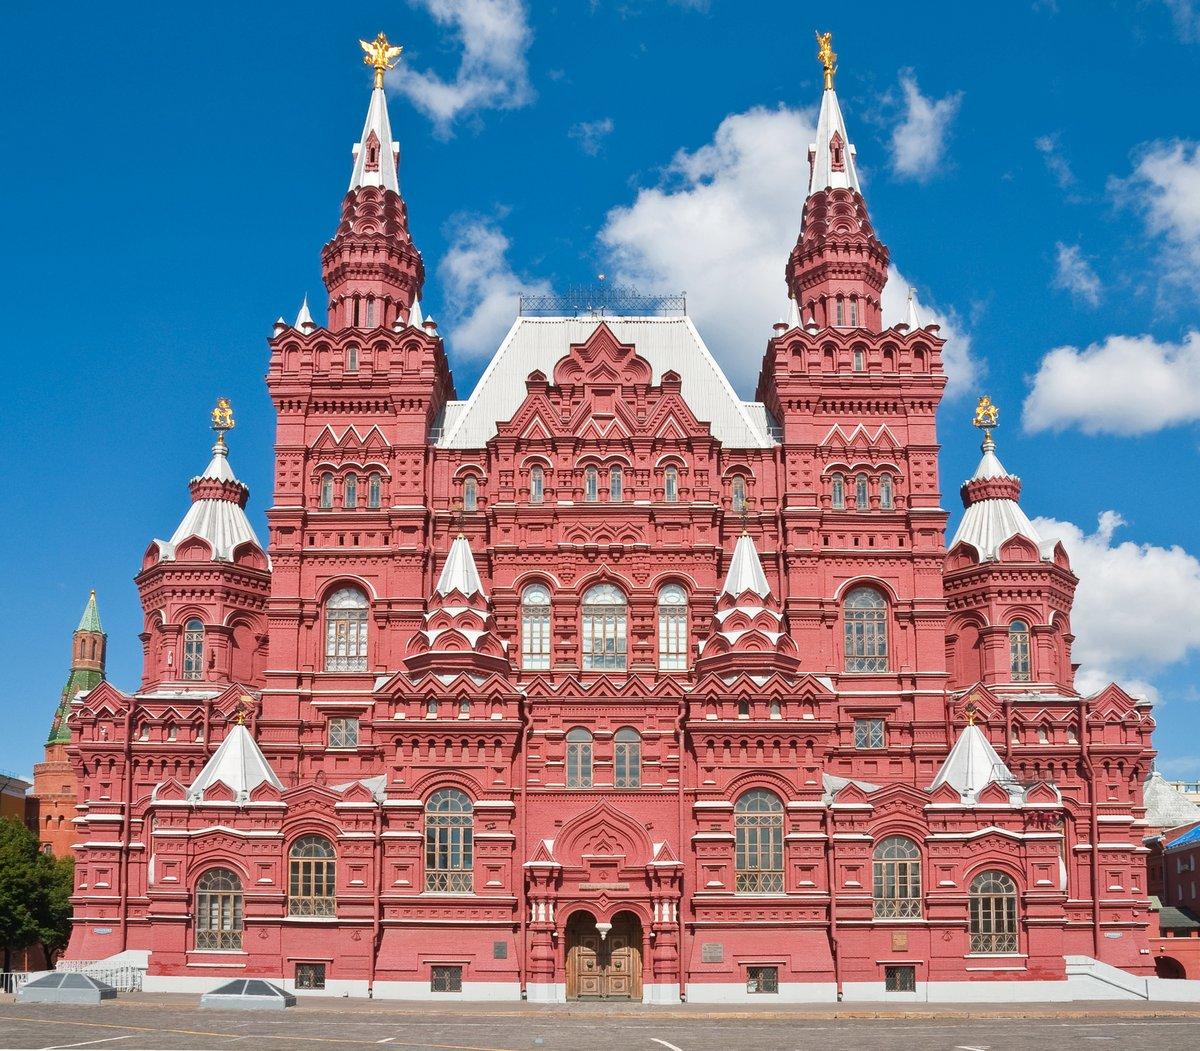 Постер Москва Исторический музей на Красной Площади, МоскваМосква<br>Постер на холсте или бумаге. Любого нужного вам размера. В раме или без. Подвес в комплекте. Трехслойная надежная упаковка. Доставим в любую точку России. Вам осталось только повесить картину на стену!<br>